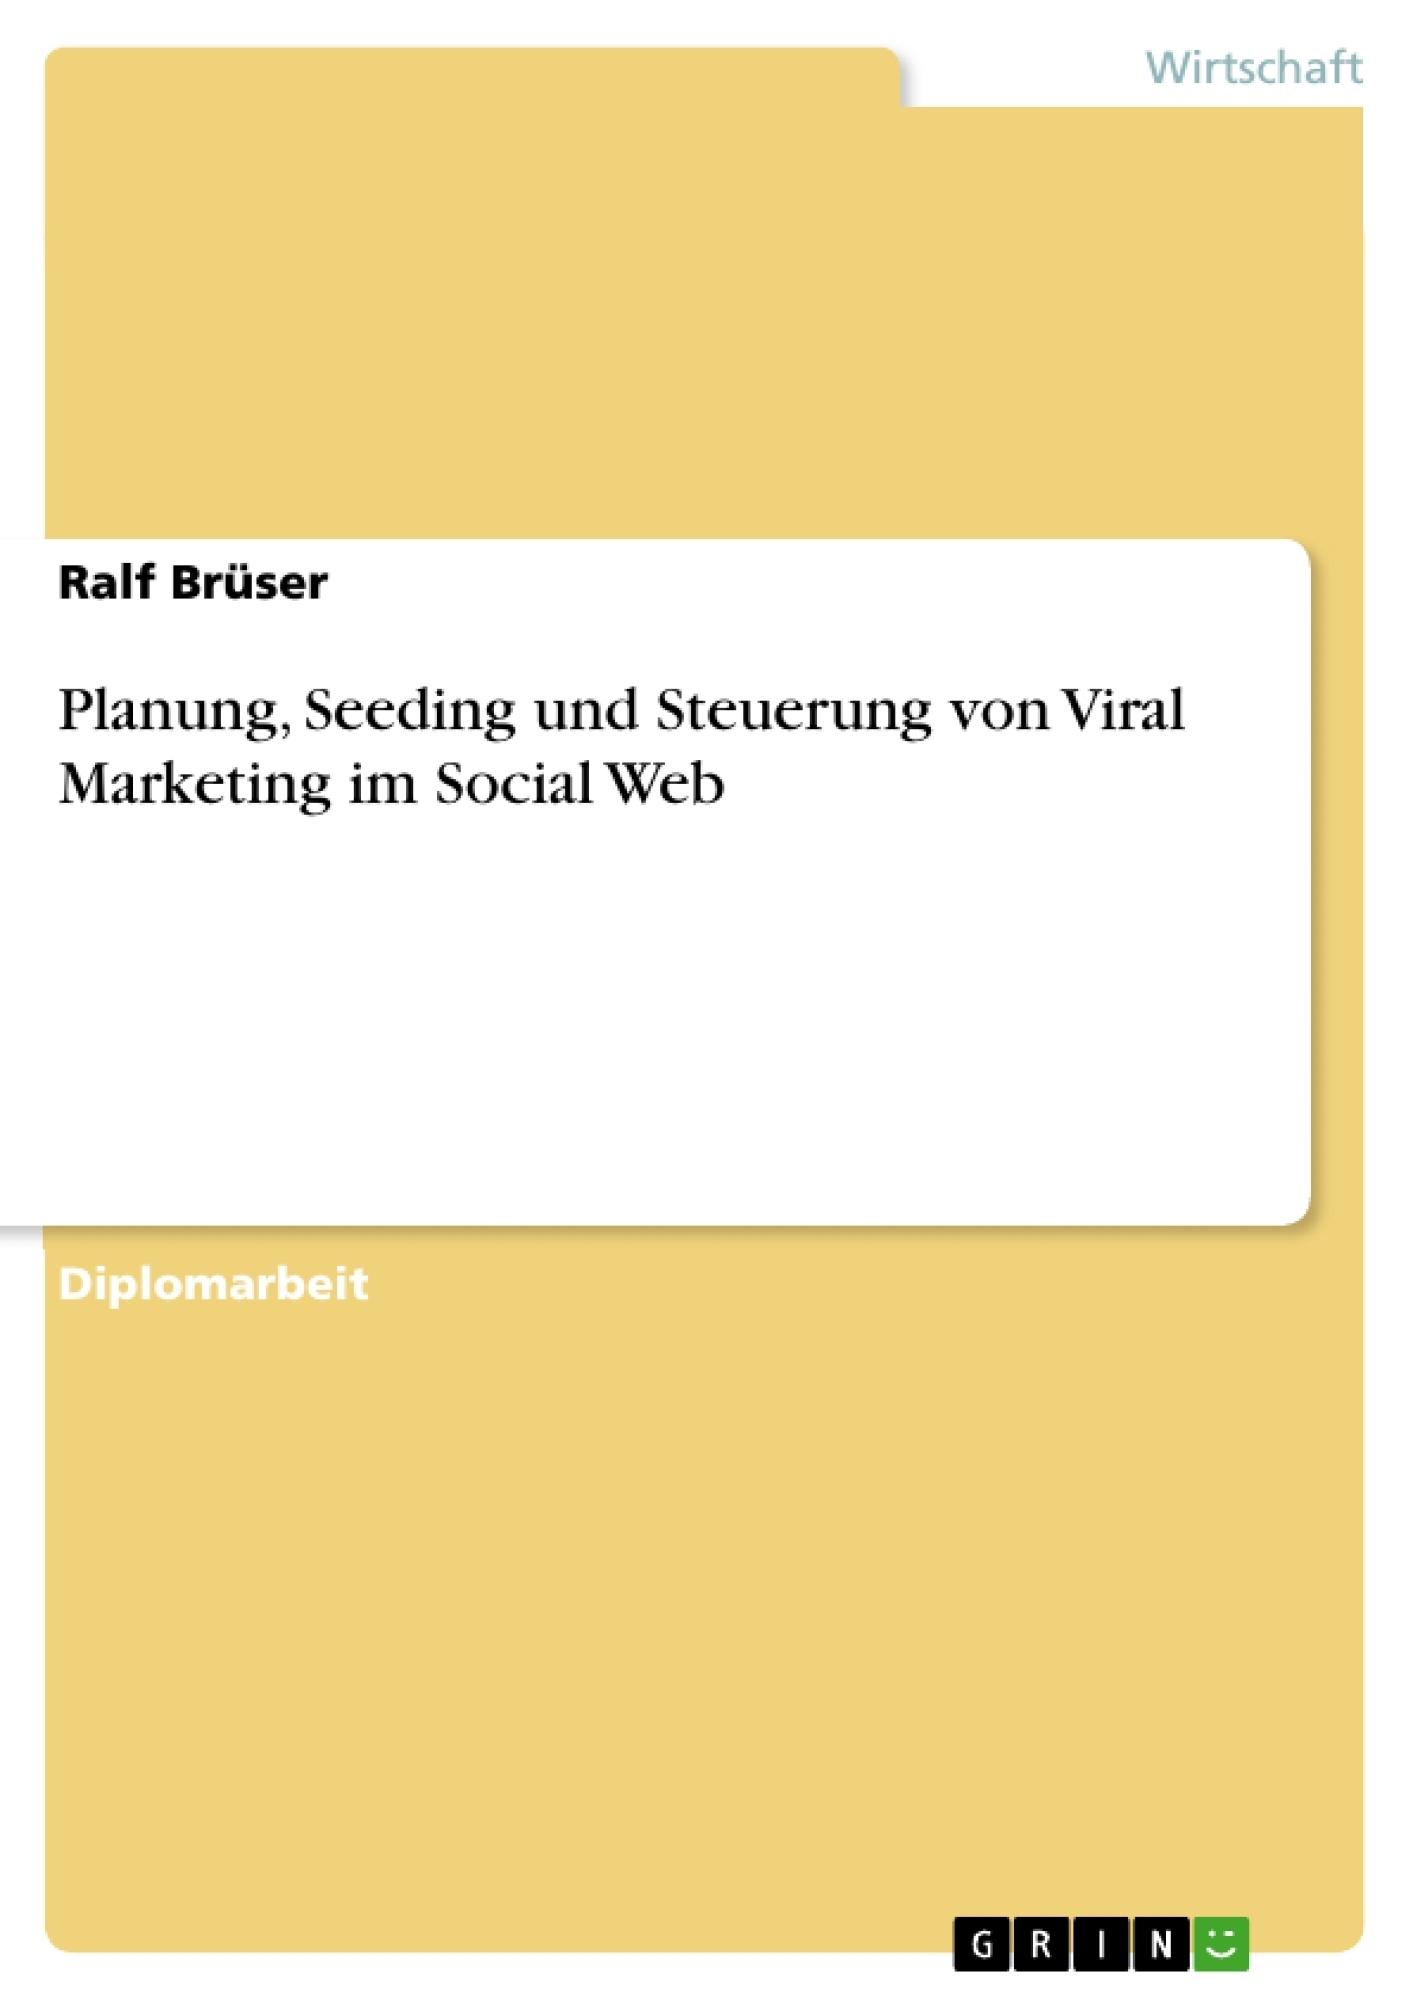 Titel: Planung, Seeding und Steuerung von Viral Marketing im Social Web